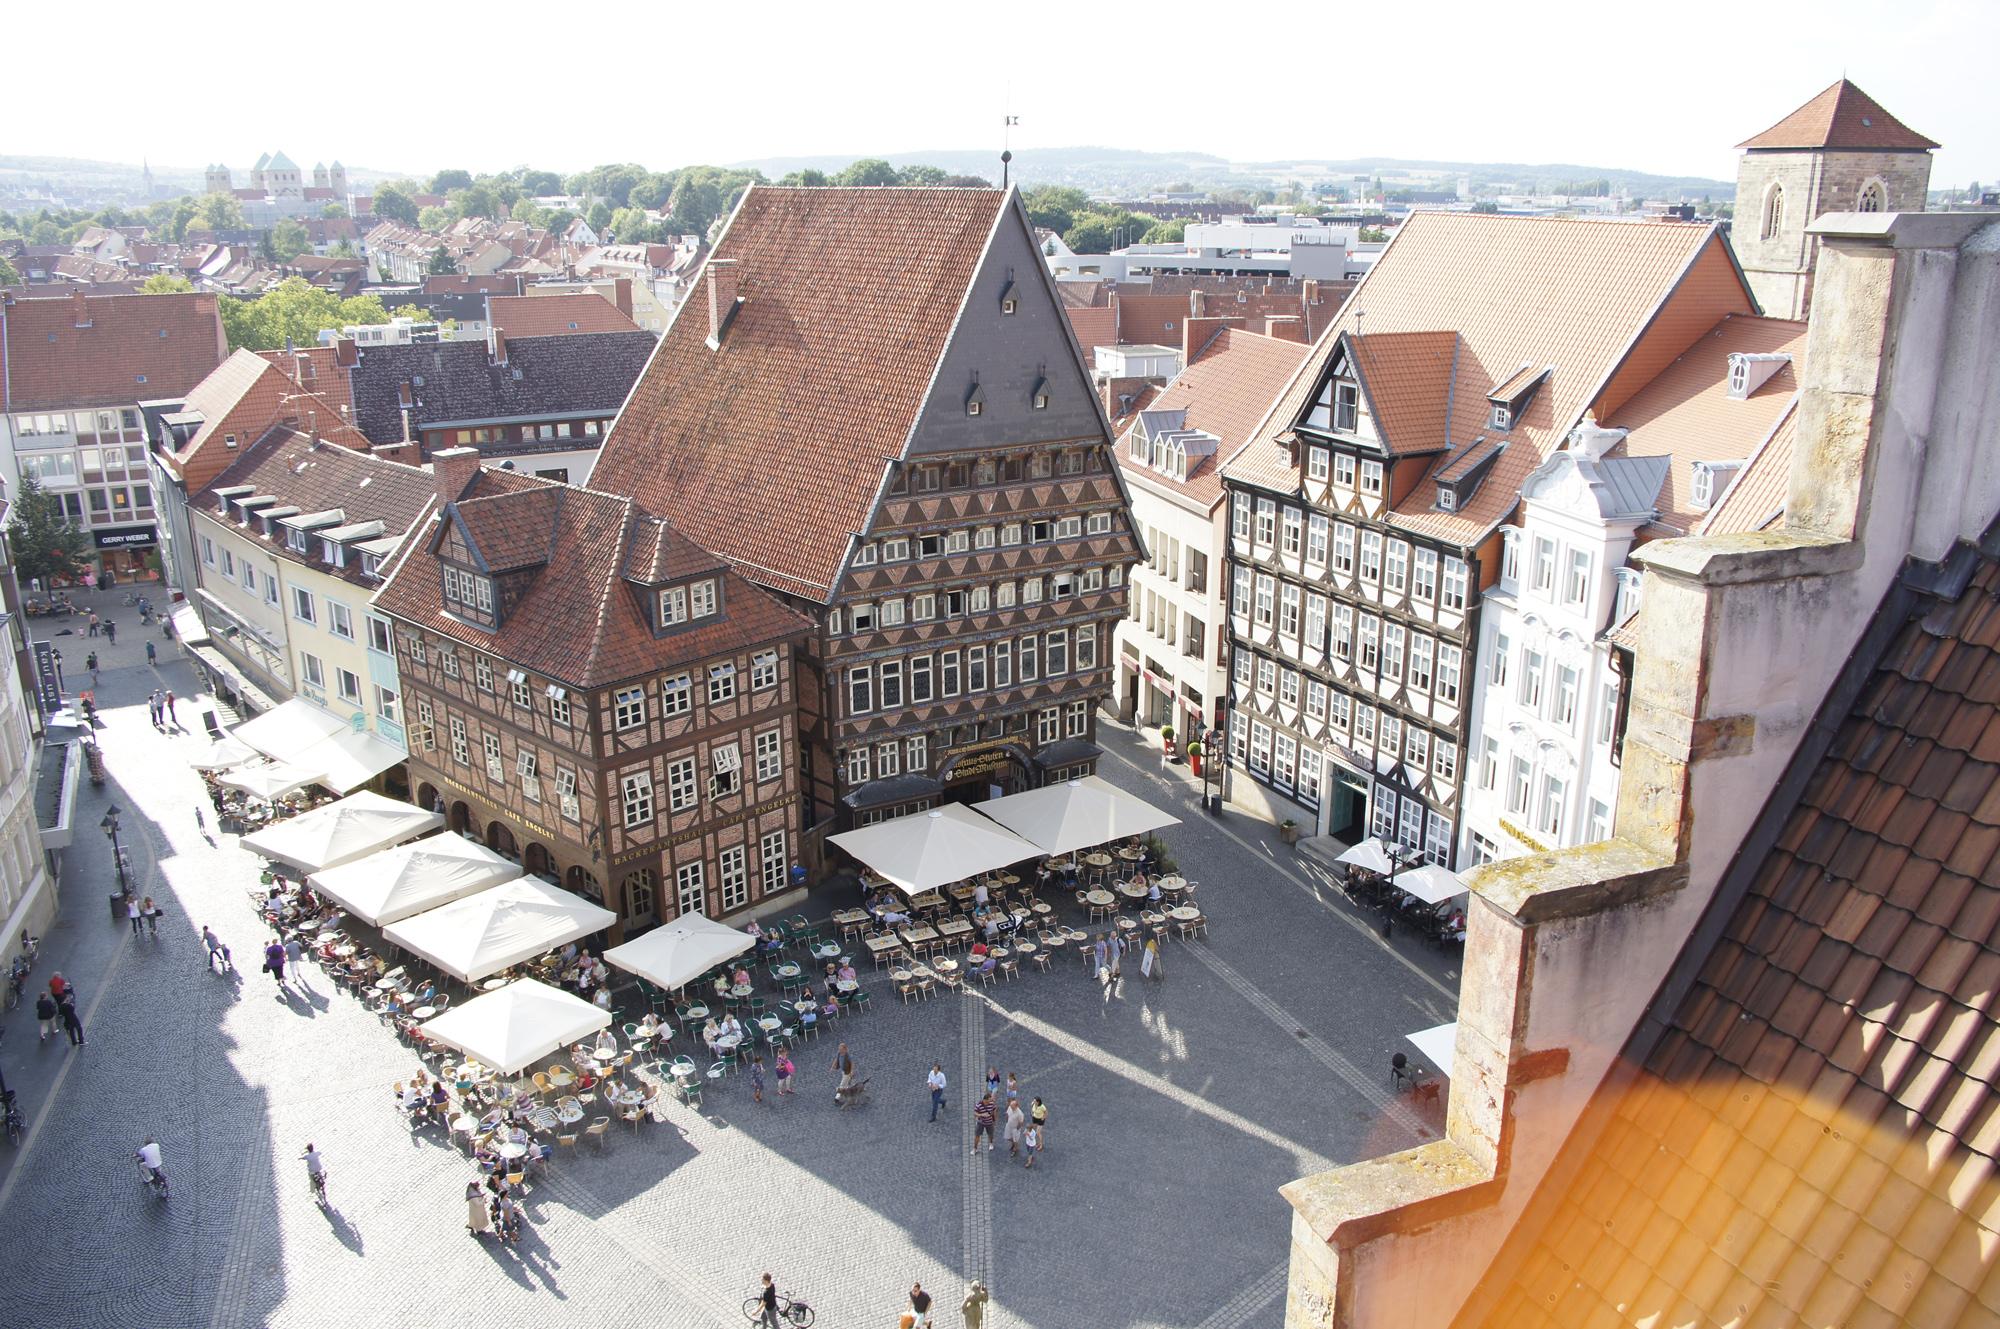 Bei Sonnenschein lässt es sich auf dem Hildesheimer Marktplatz wunderbar aushalten. Foto: Hildesheim Marketing